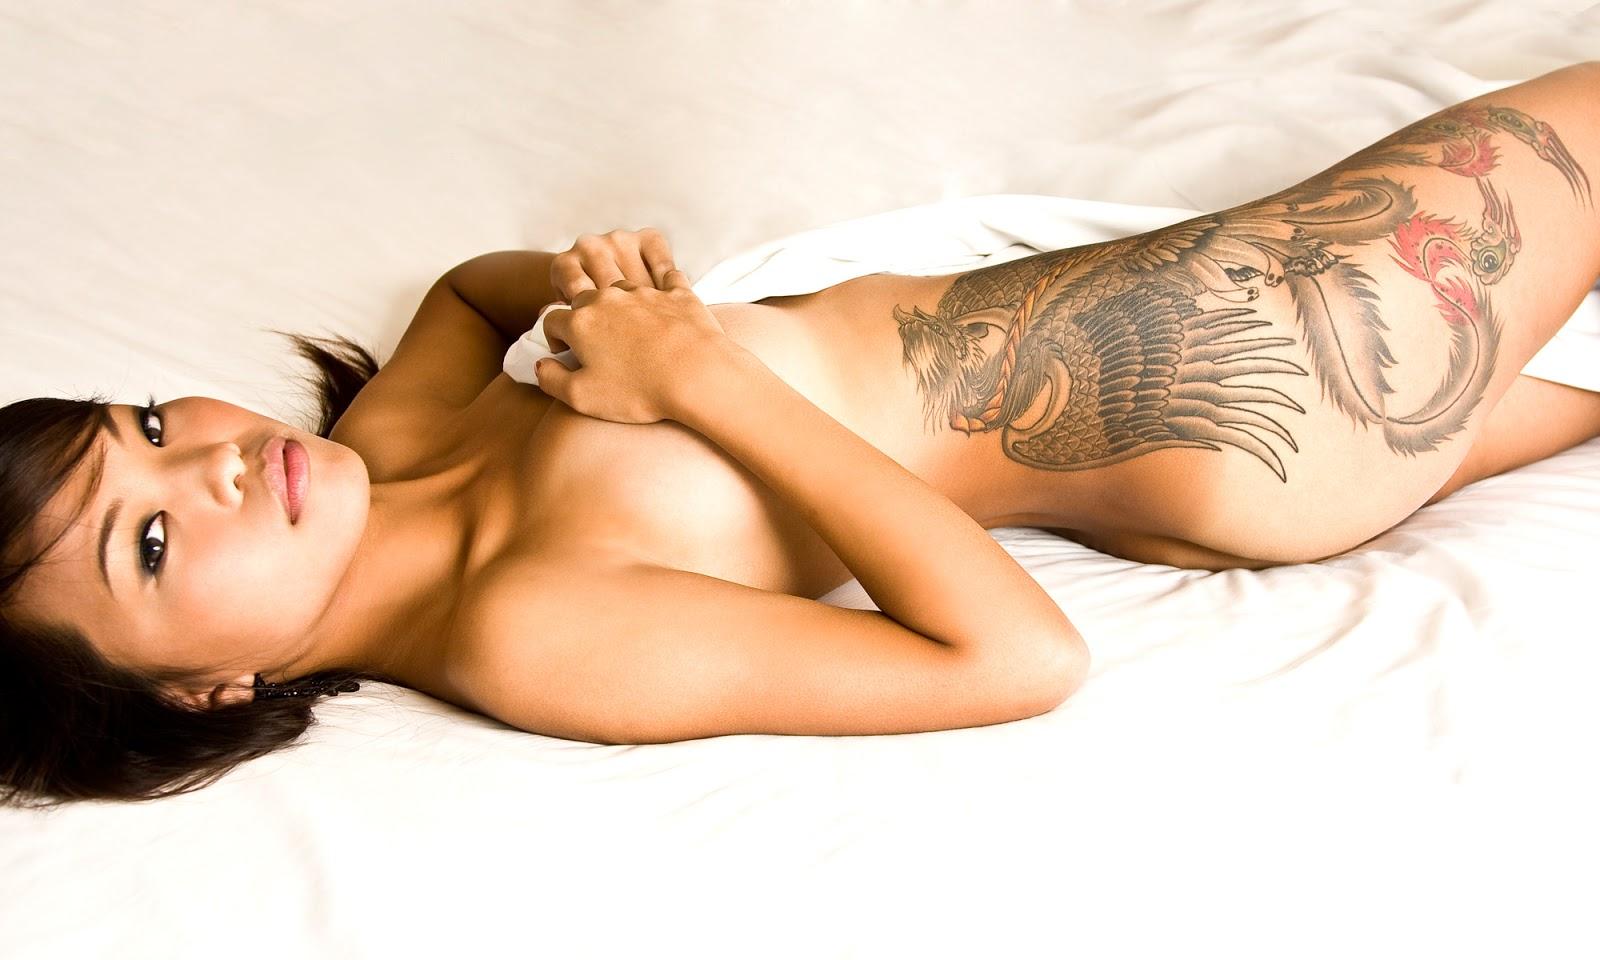 Free asian tattoo pics #13